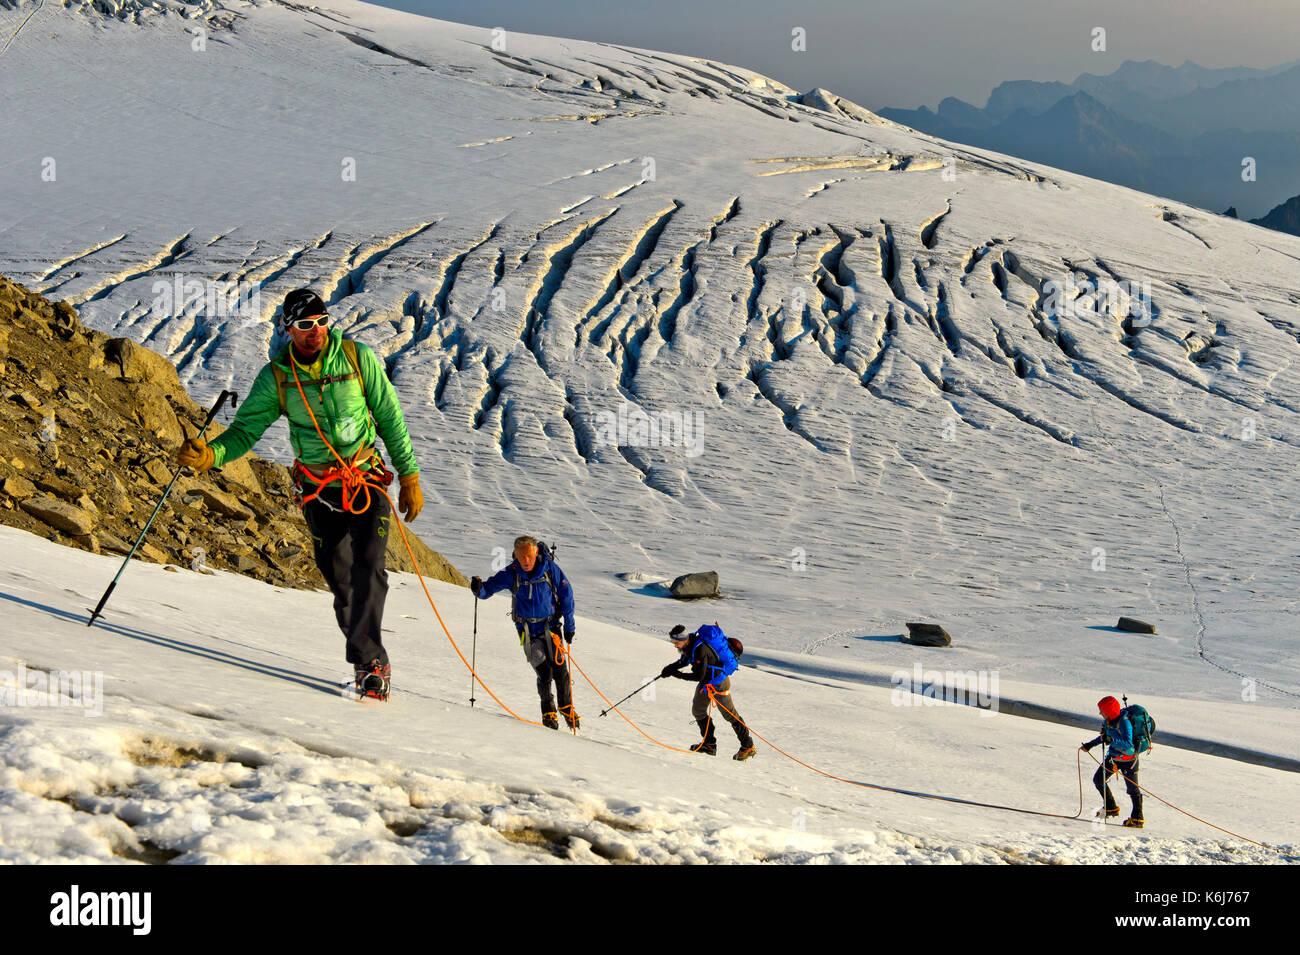 Alpinists ascending to the mountain pass Col du Tour on the glacier Plateau du Trient, Valais, Switzerland - Stock Image